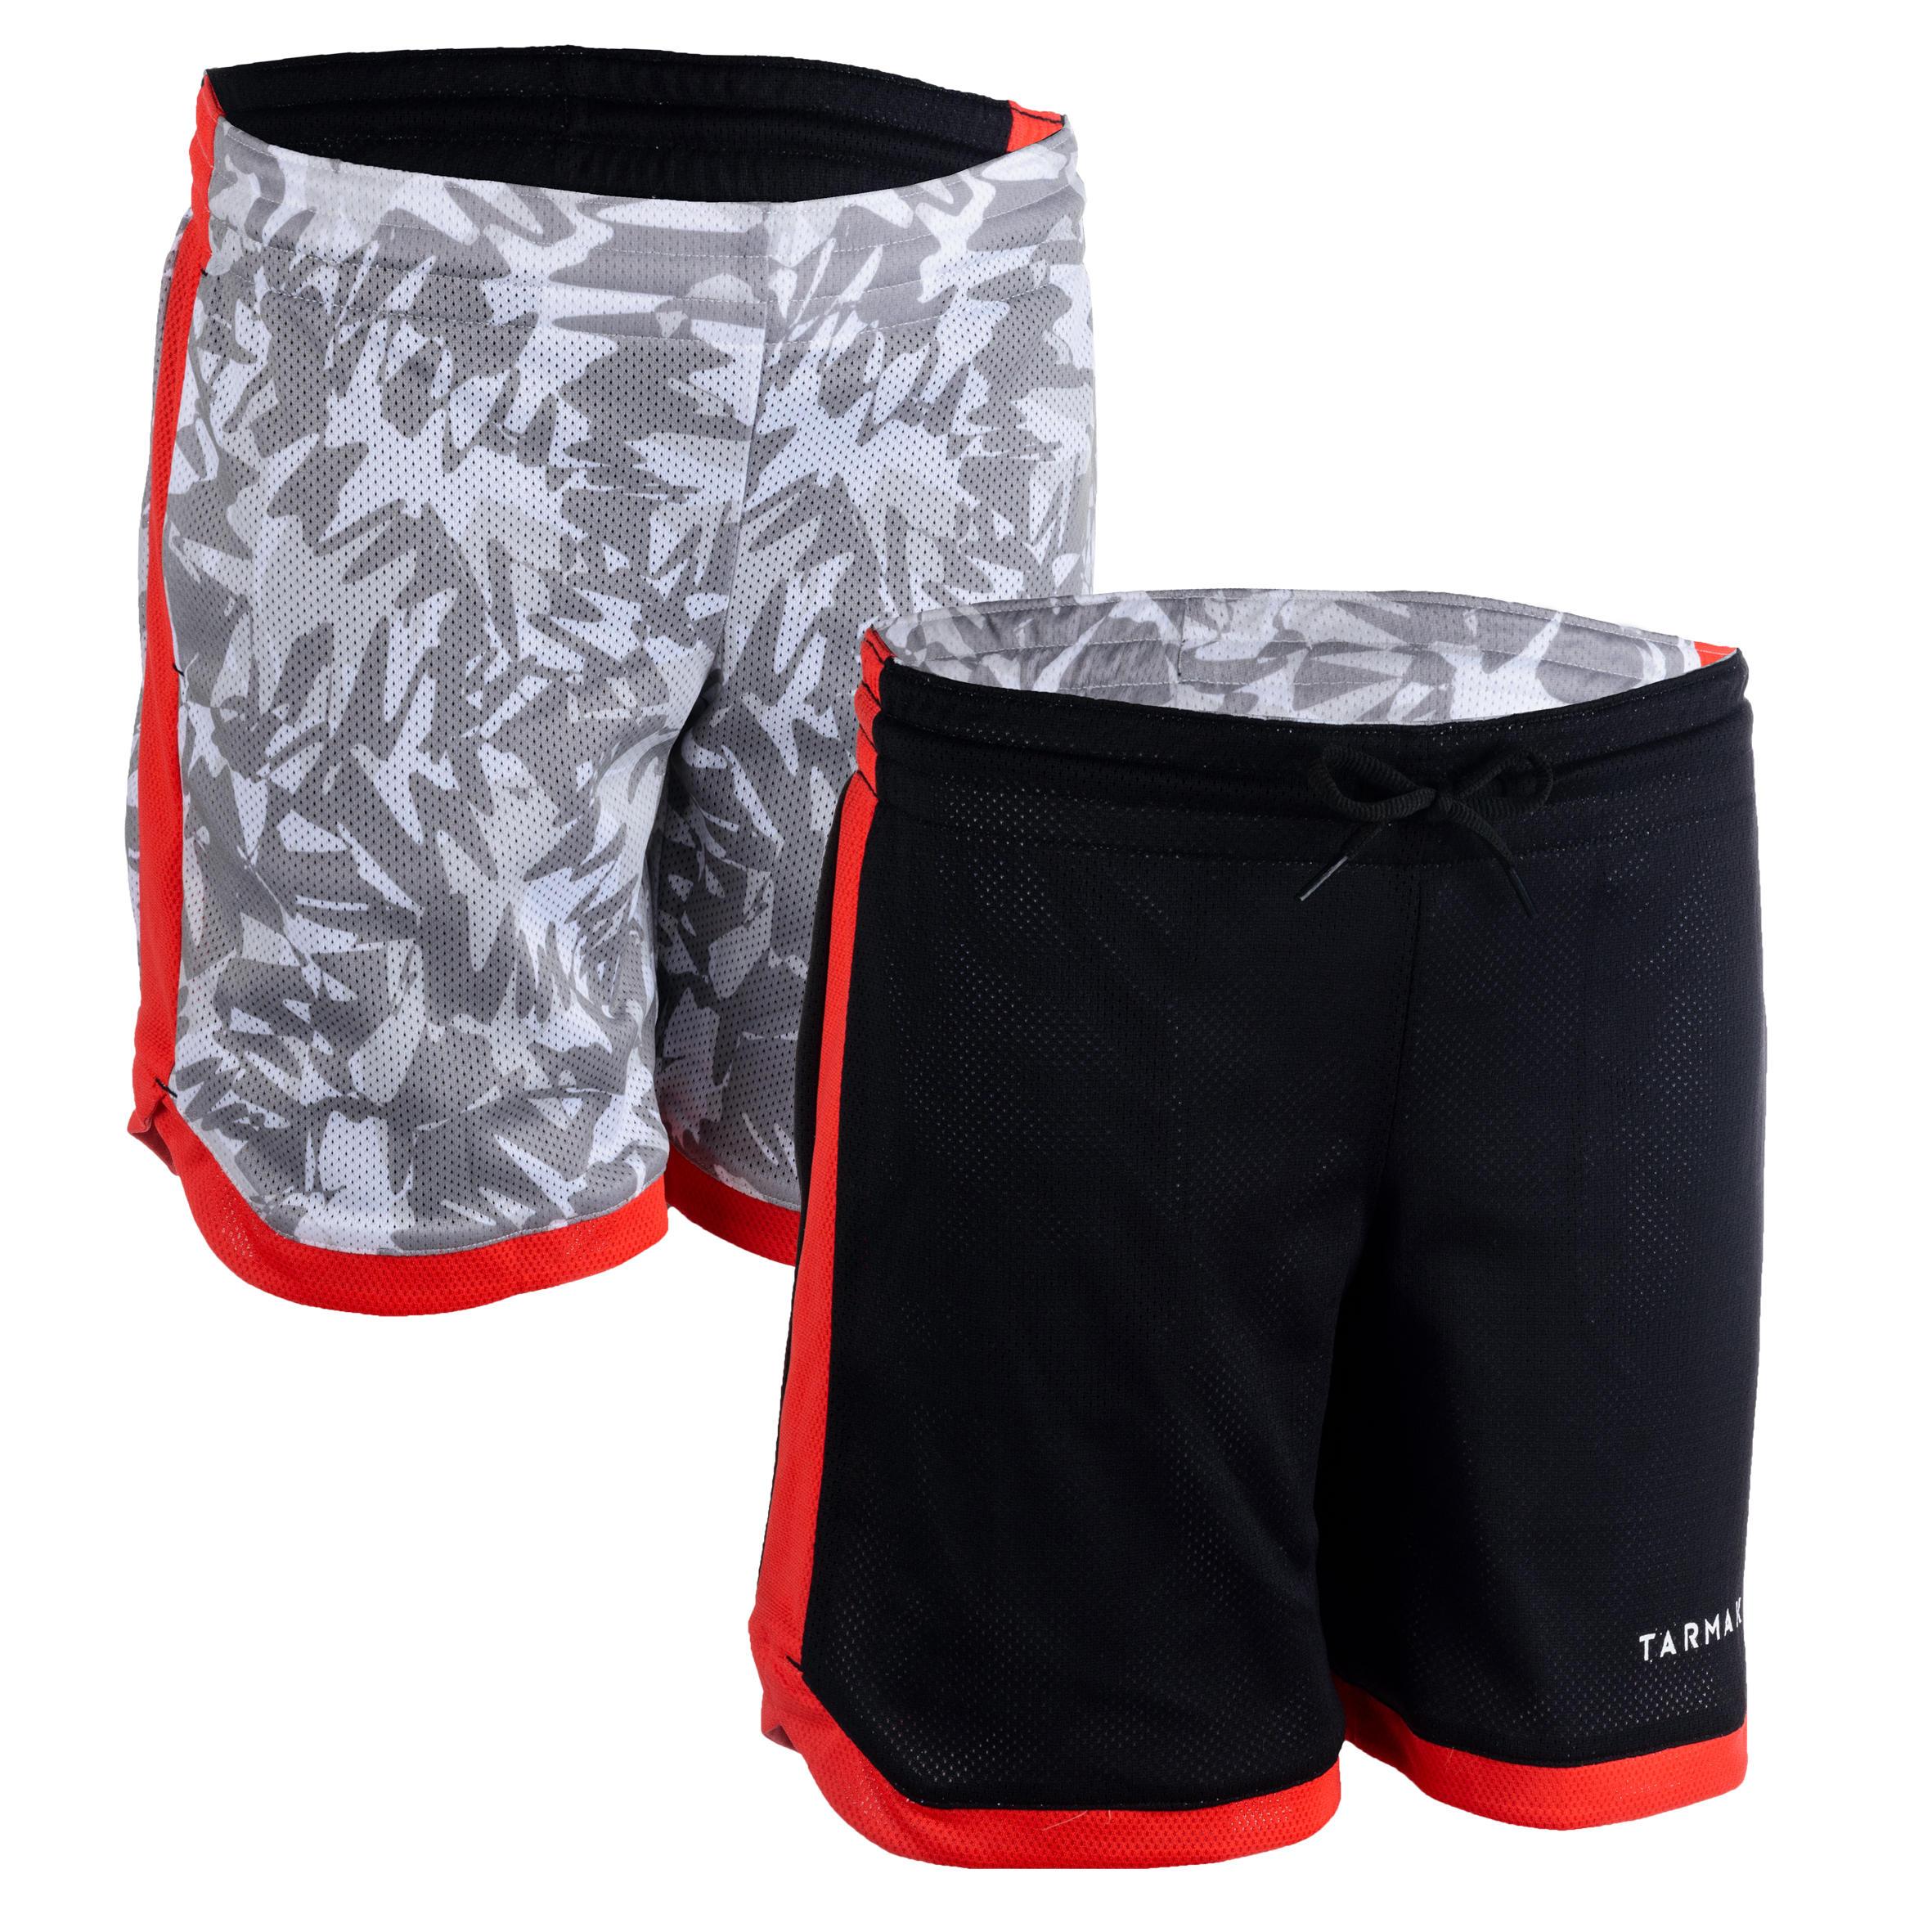 Tarmak Omkeerbare basketbalshort voor jongens/meisjes wit/zwart/print SH500R